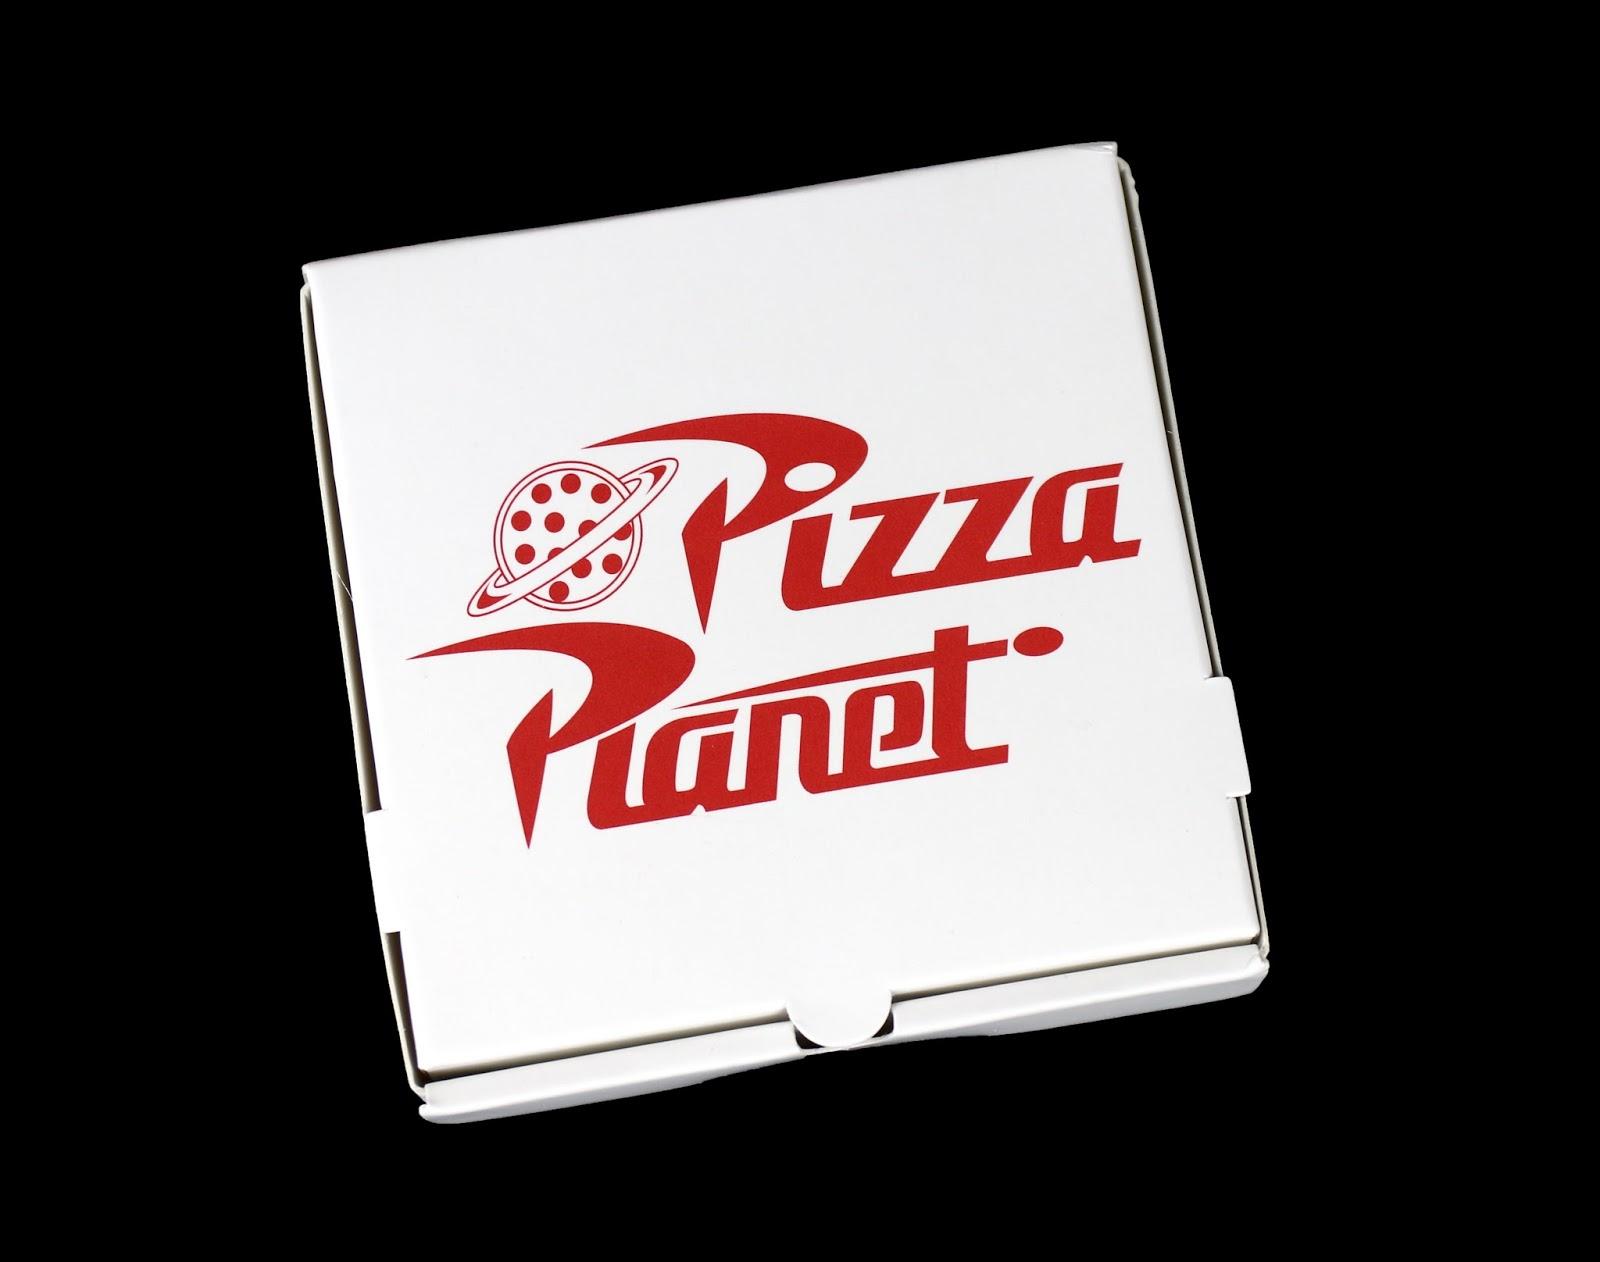 toy story pizza planet sticky note set